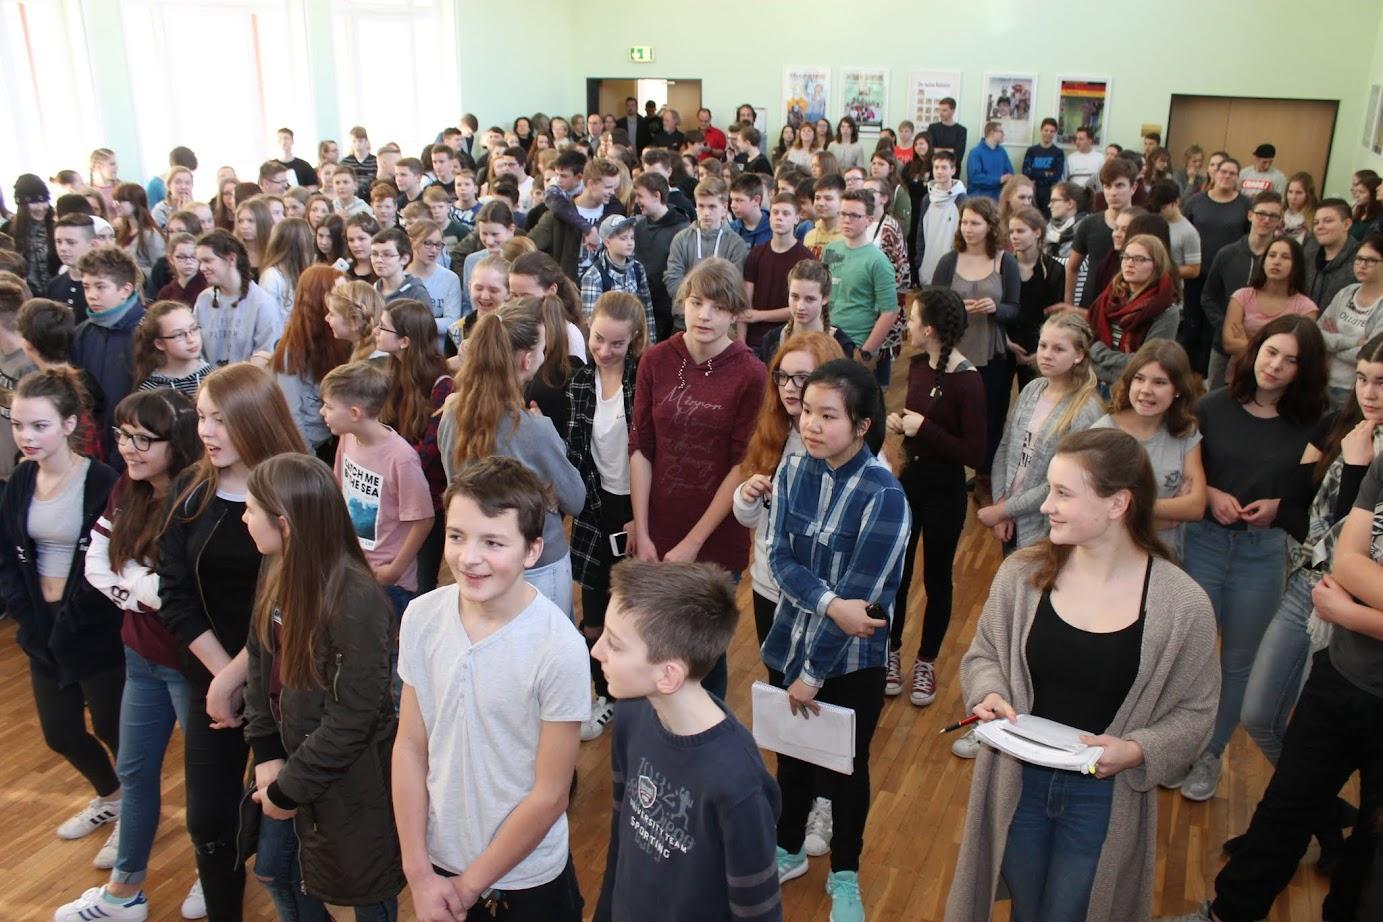 Die Aula der Gauß-Gymnasiums platze aus allen Nähten, spontan tanzten viele Schüler zu Punk'n'Roll der Band